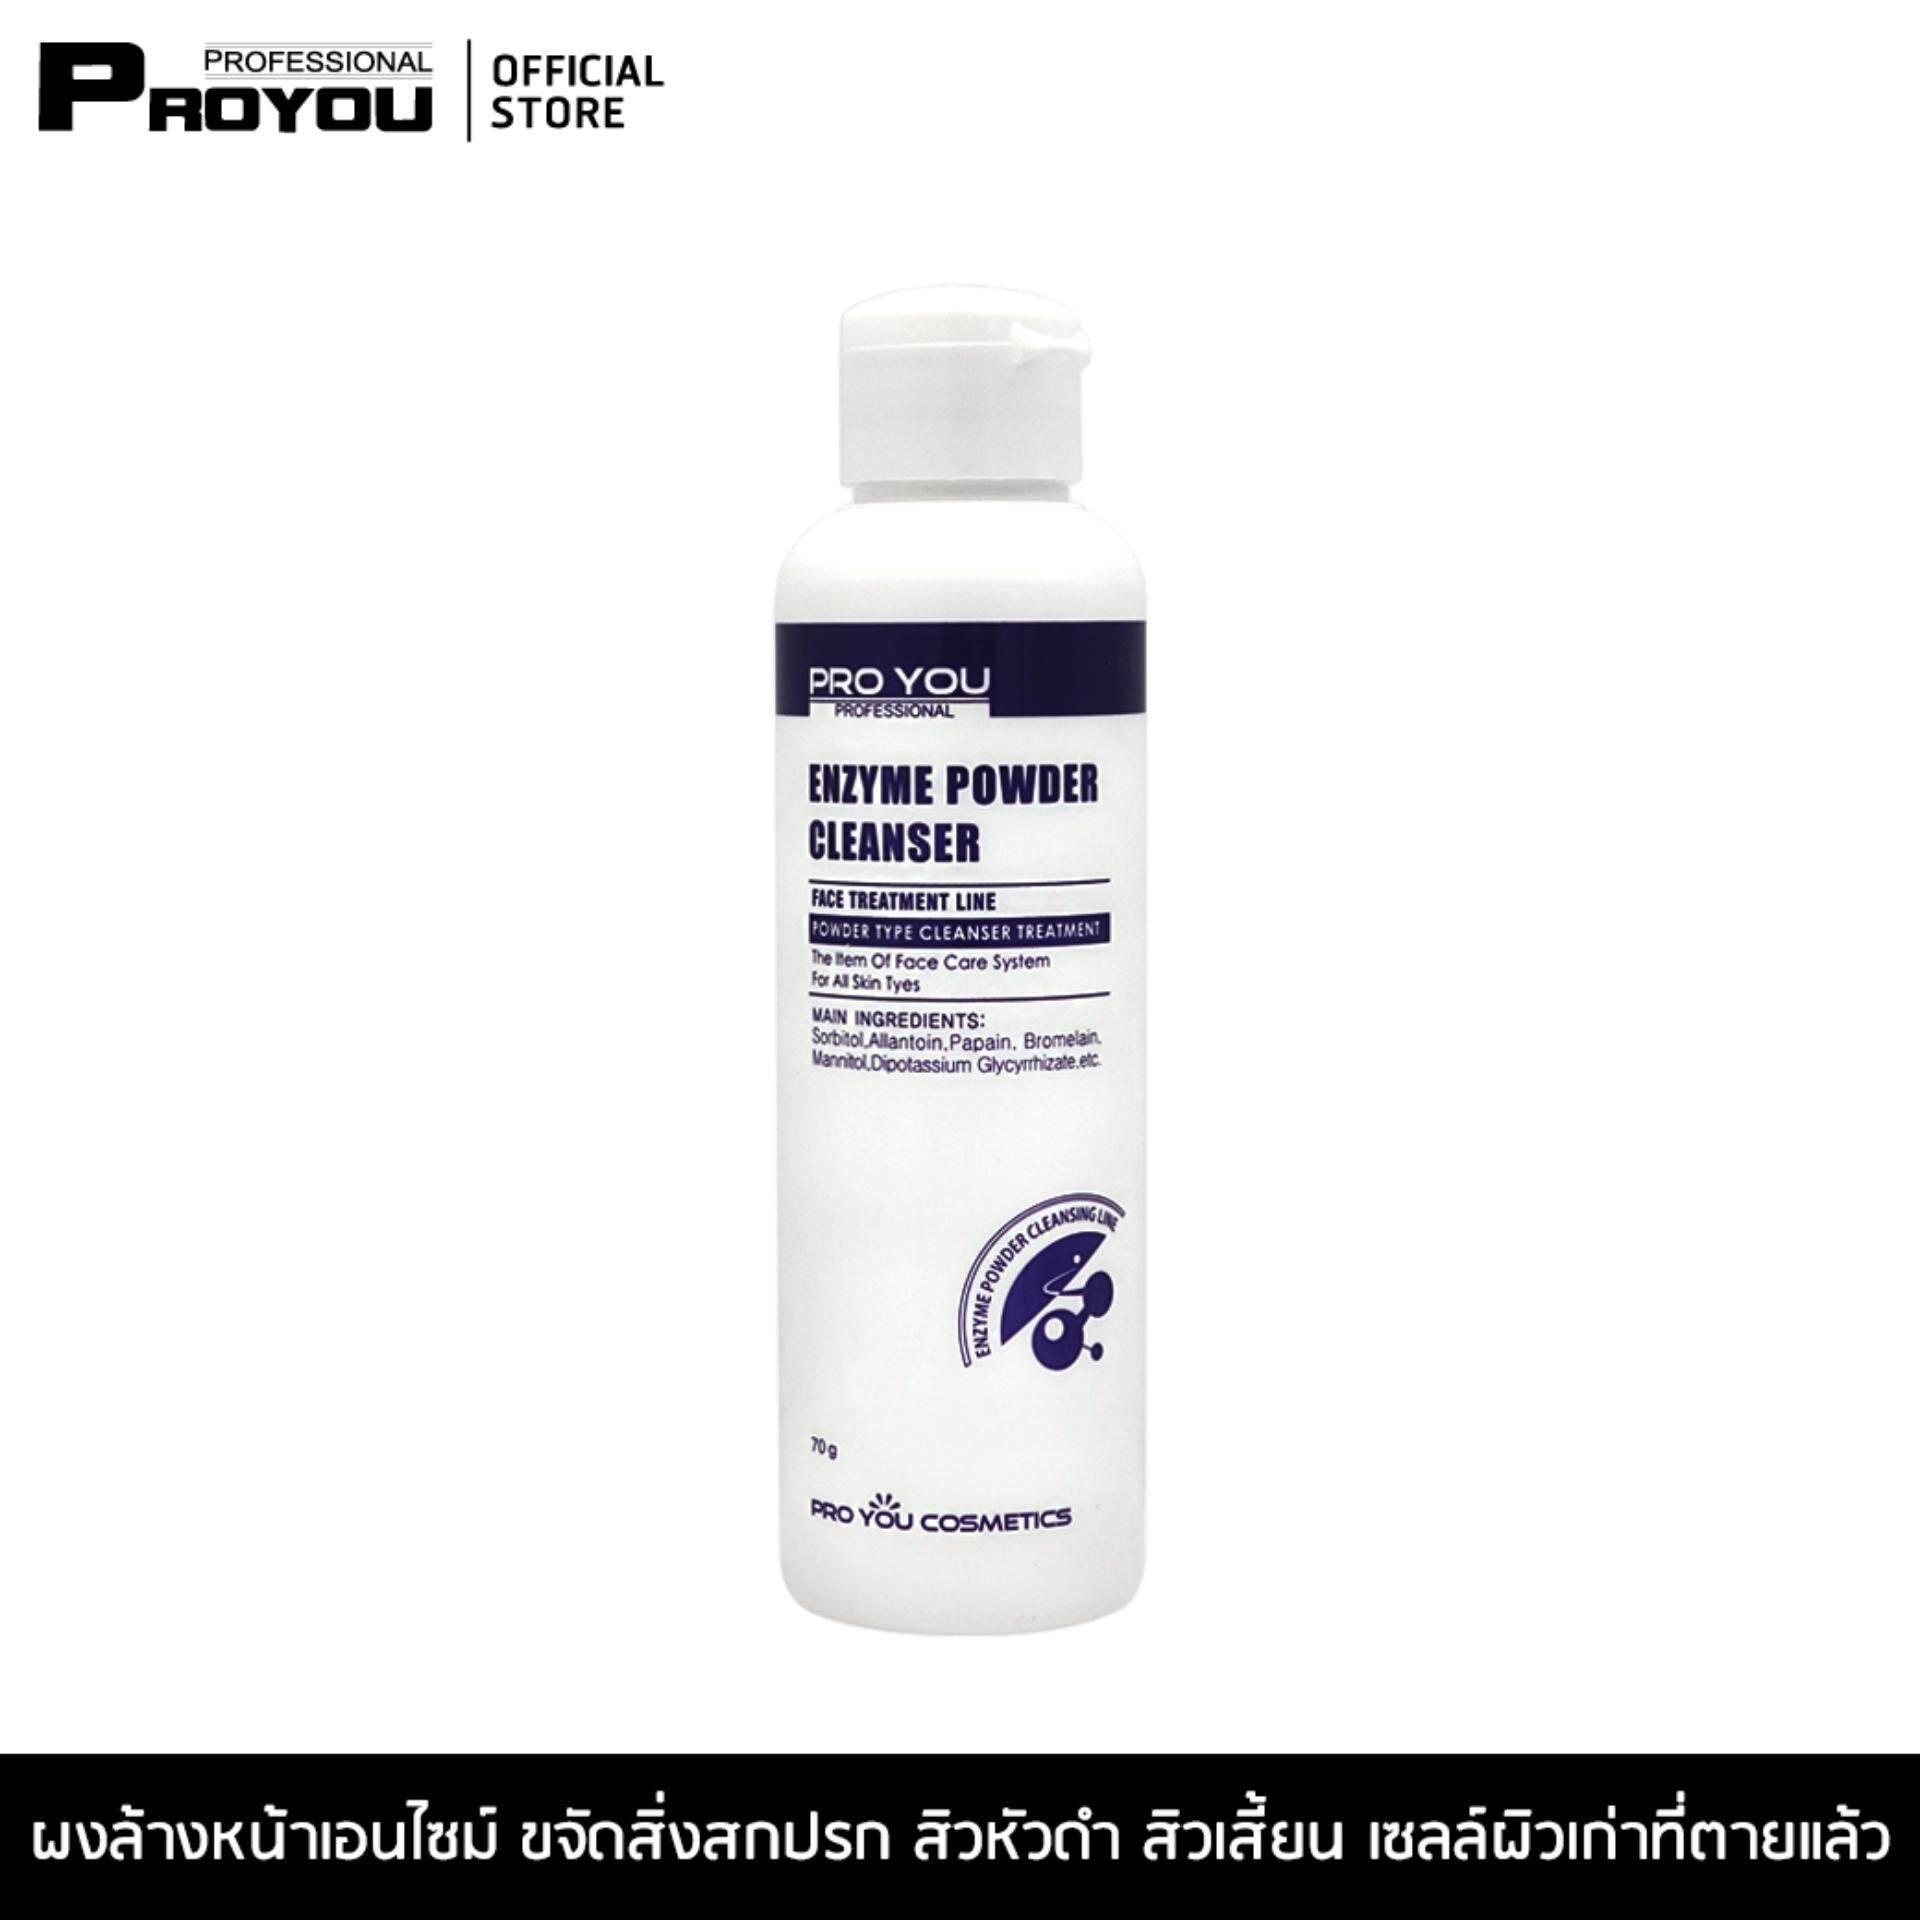 ขาย Proyou Enzyme Powder Cleanser 70G ผลิตภัณฑ์ทำความสะอาดผิวหน้าชนิดผง ช่วยขจัดความมันและสิ่งสกปรกบนใบหน้า Proyou ใน ไทย